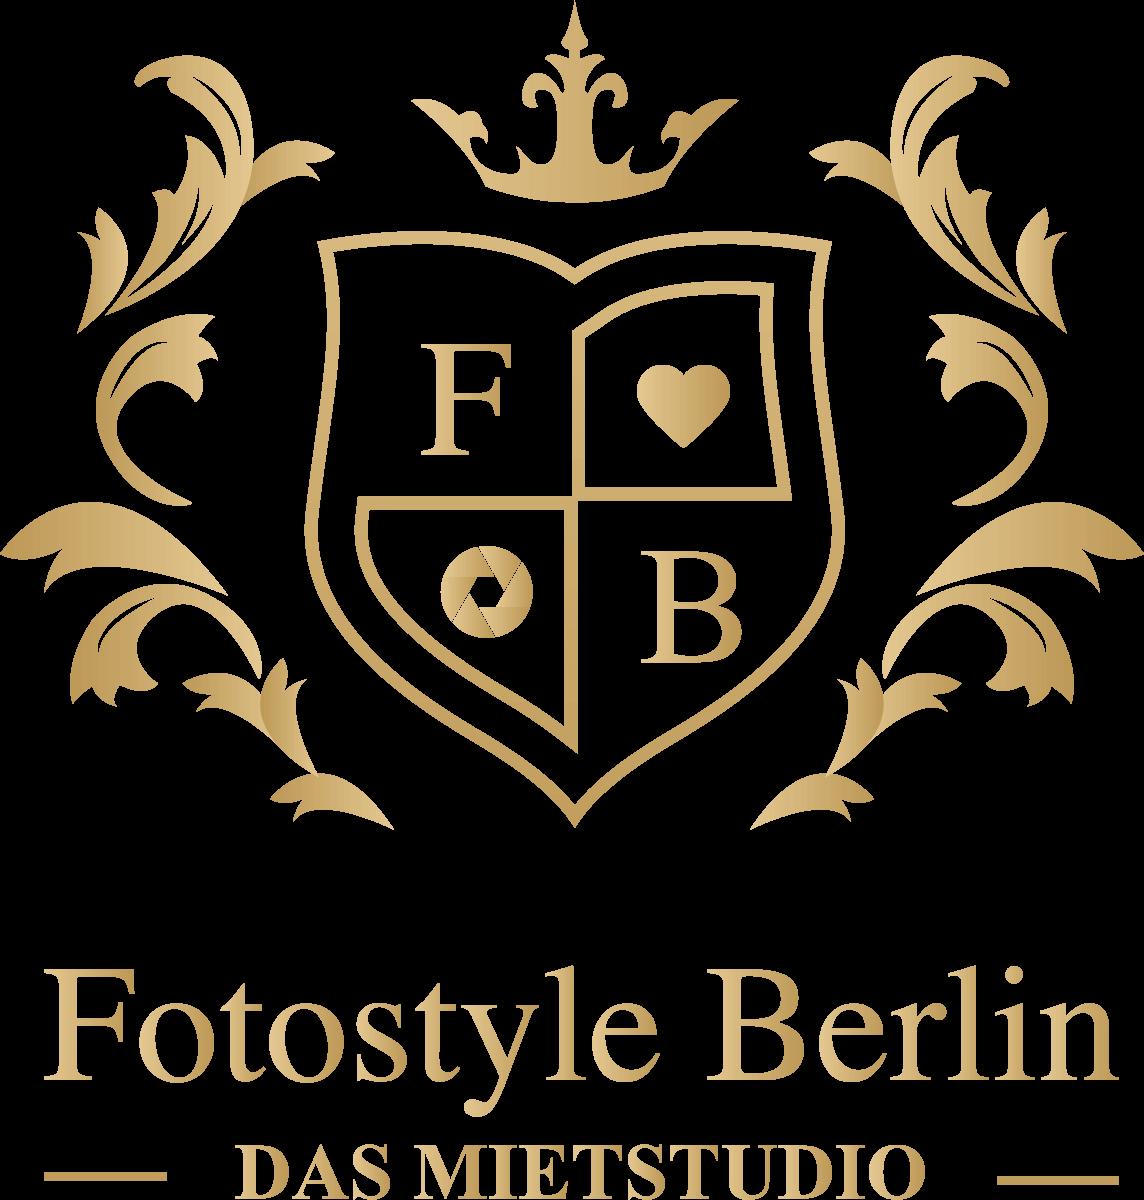 logo mit text2 - Mietstudio in Berlin - Fotostudio mieten - Fotostyle Berlin